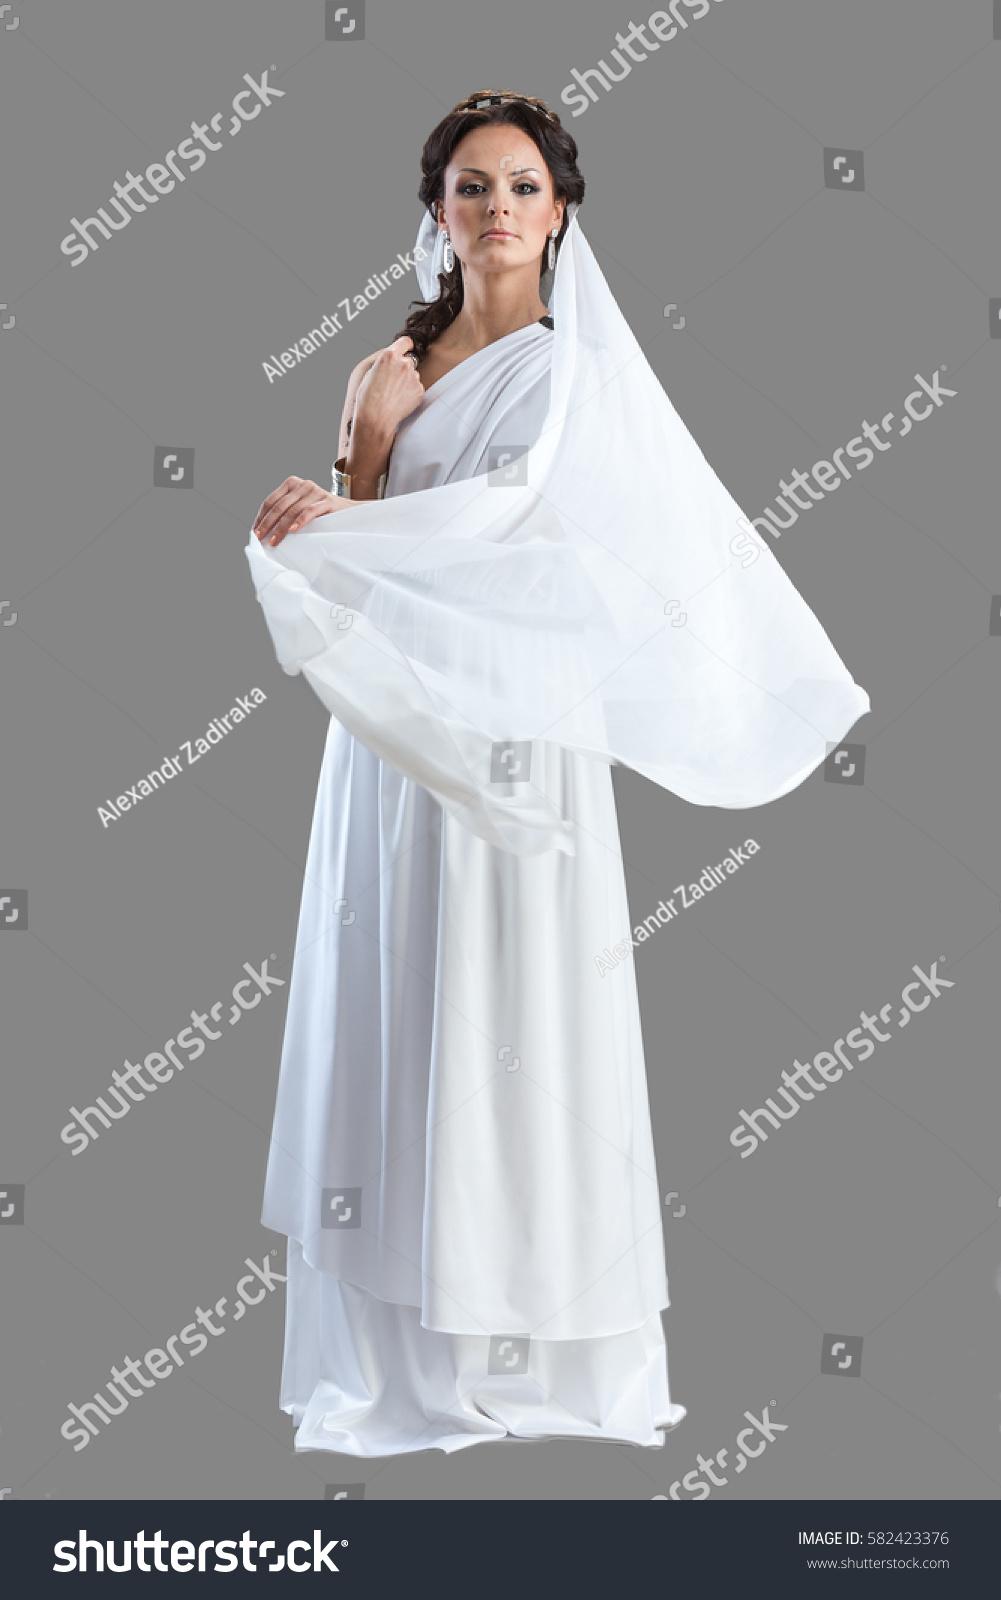 Portrait Woman White Dress Ancient Greek Stock Photo (Royalty Free ...